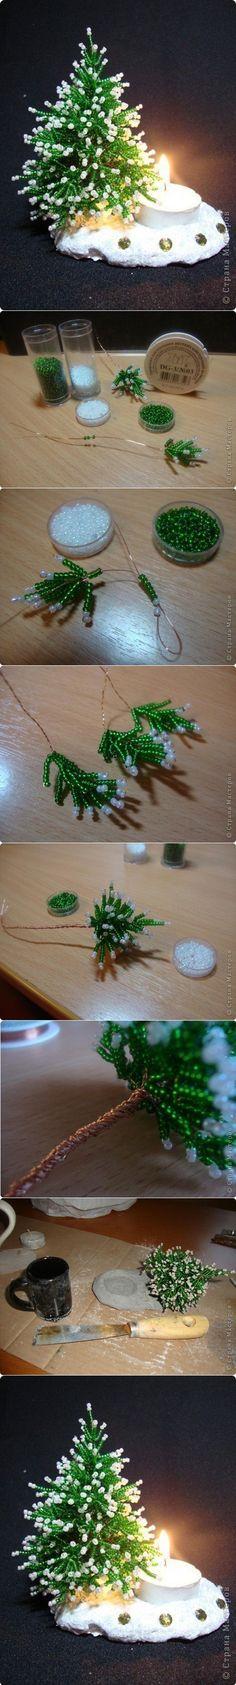 Herringbone Beans Miniature Christmas Tree, Genial yo quiero hacer esto para mi escritorio.